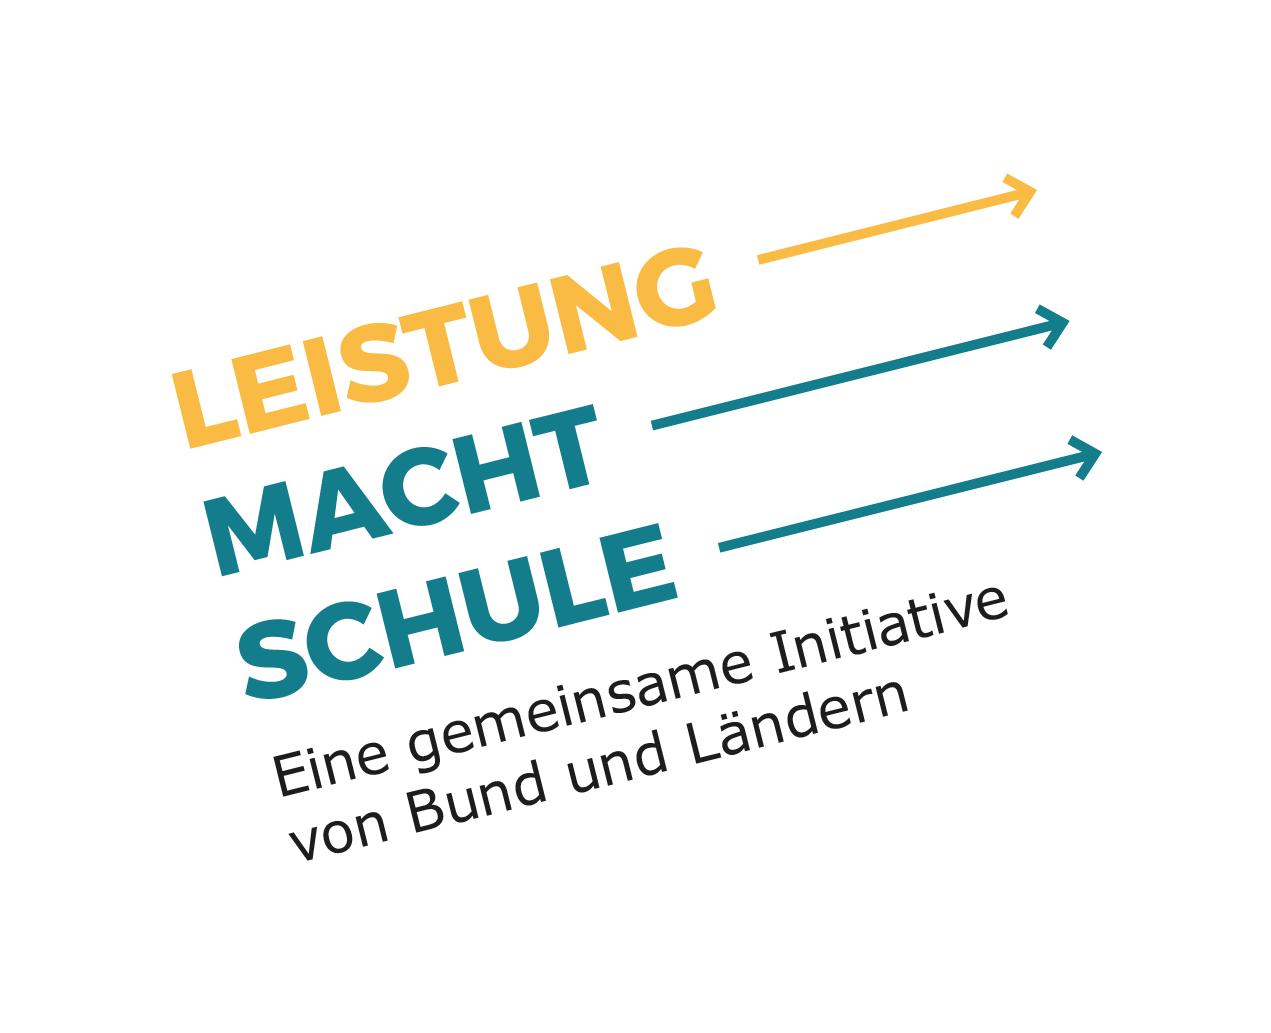 leistung_macht_schule_logo_munterzeile_online